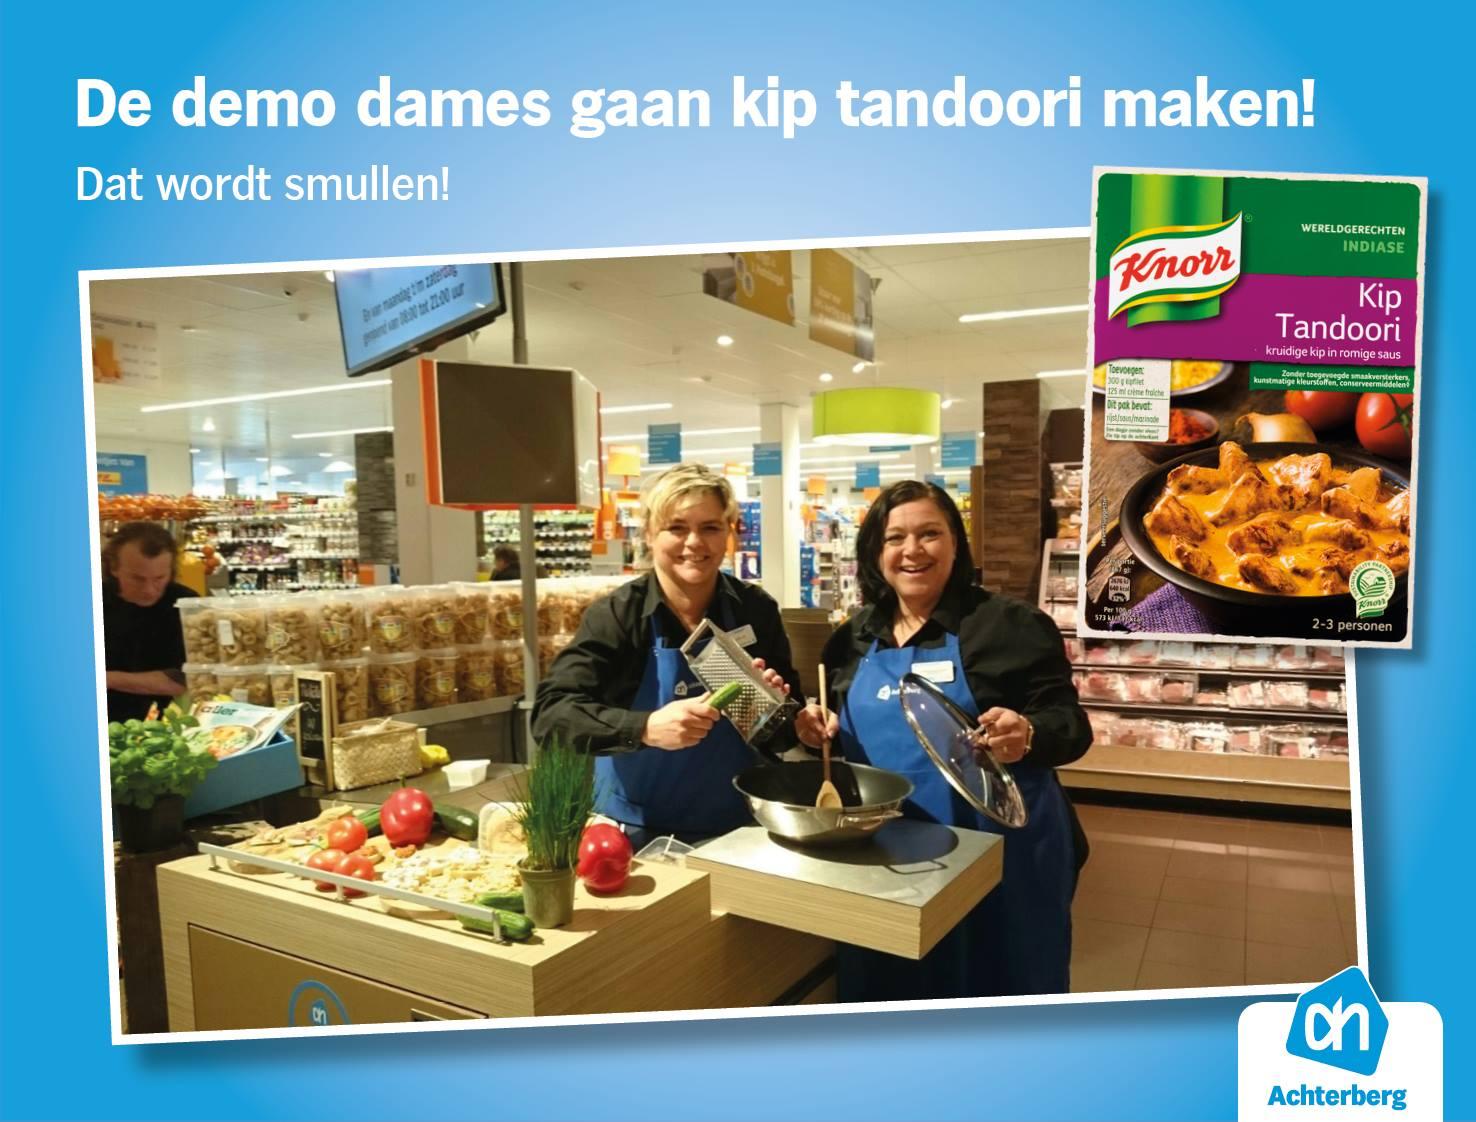 Dit weekend maken onze demo dames een heerlijke Kip Tandoori